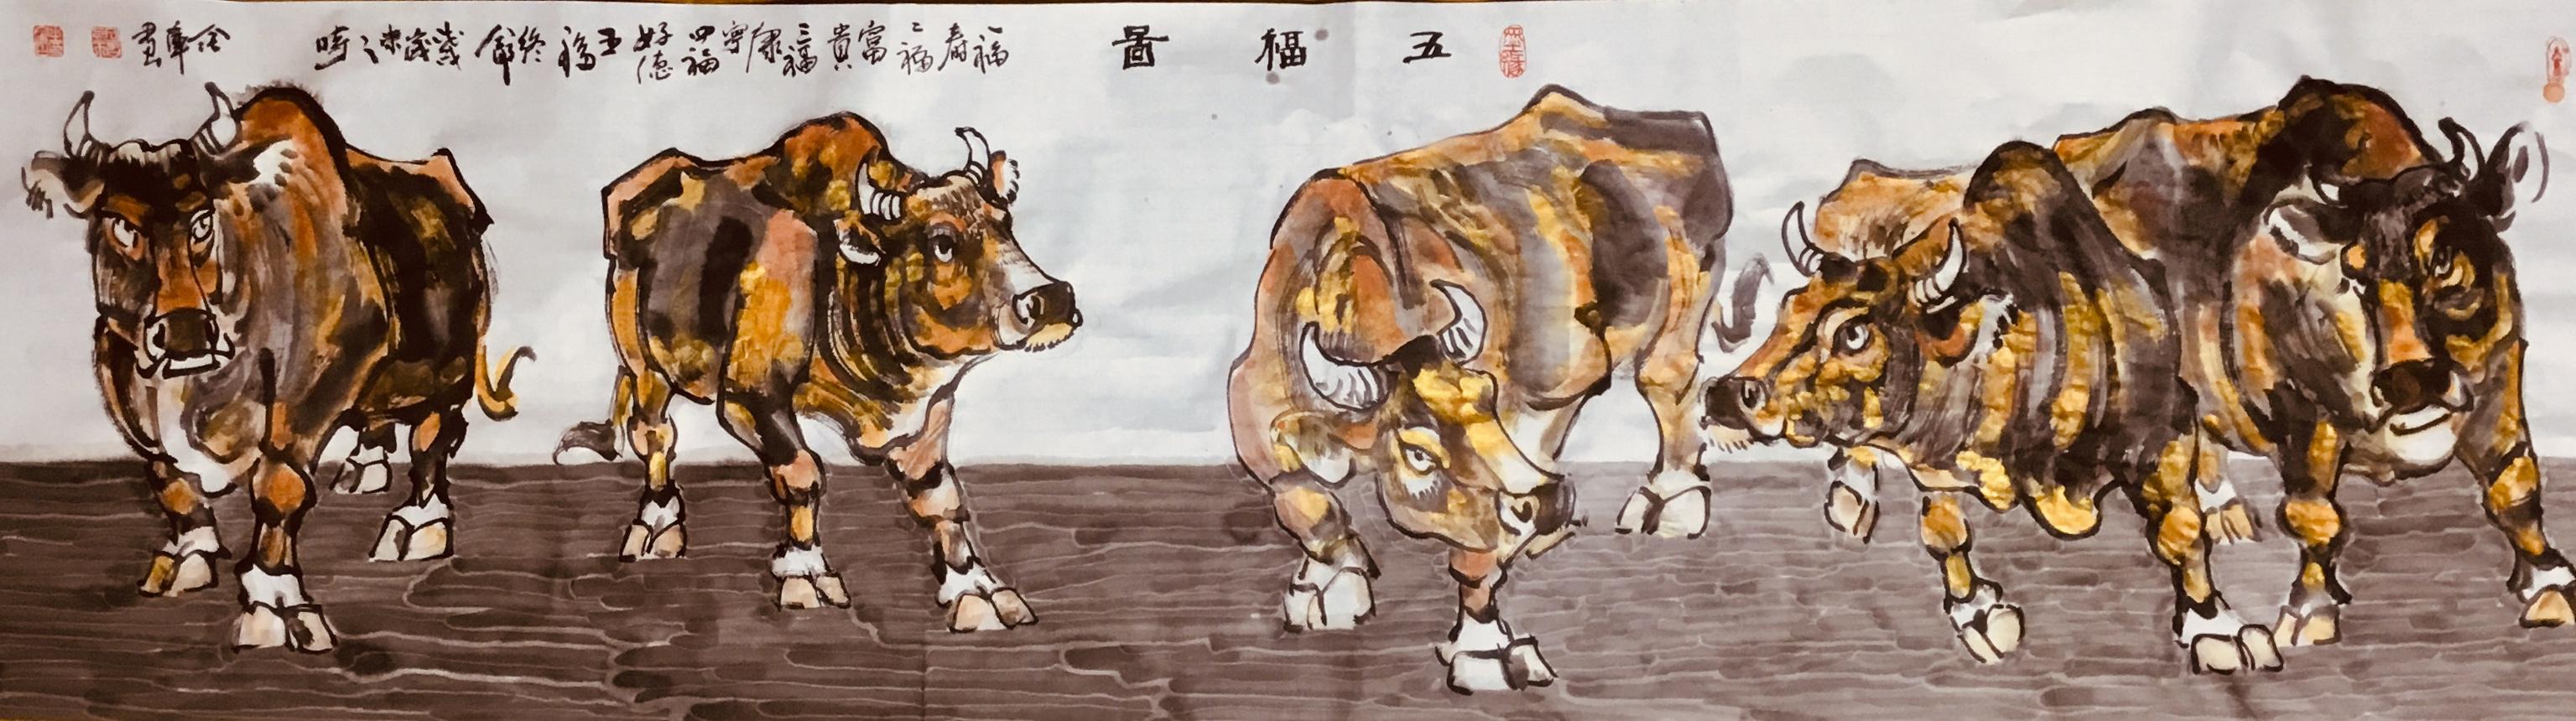 金石画牛 · 笔墨情缘 着名画家石金库图片